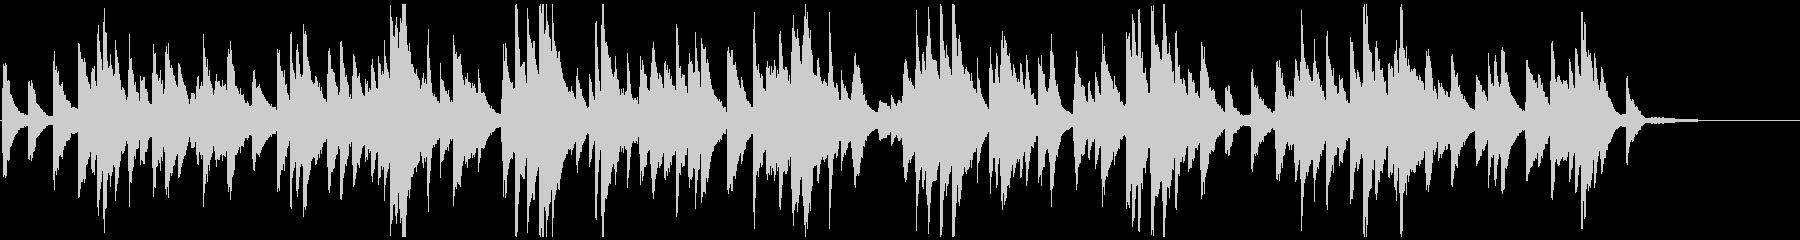 ゆったりとした少し切ないピアノソロの未再生の波形